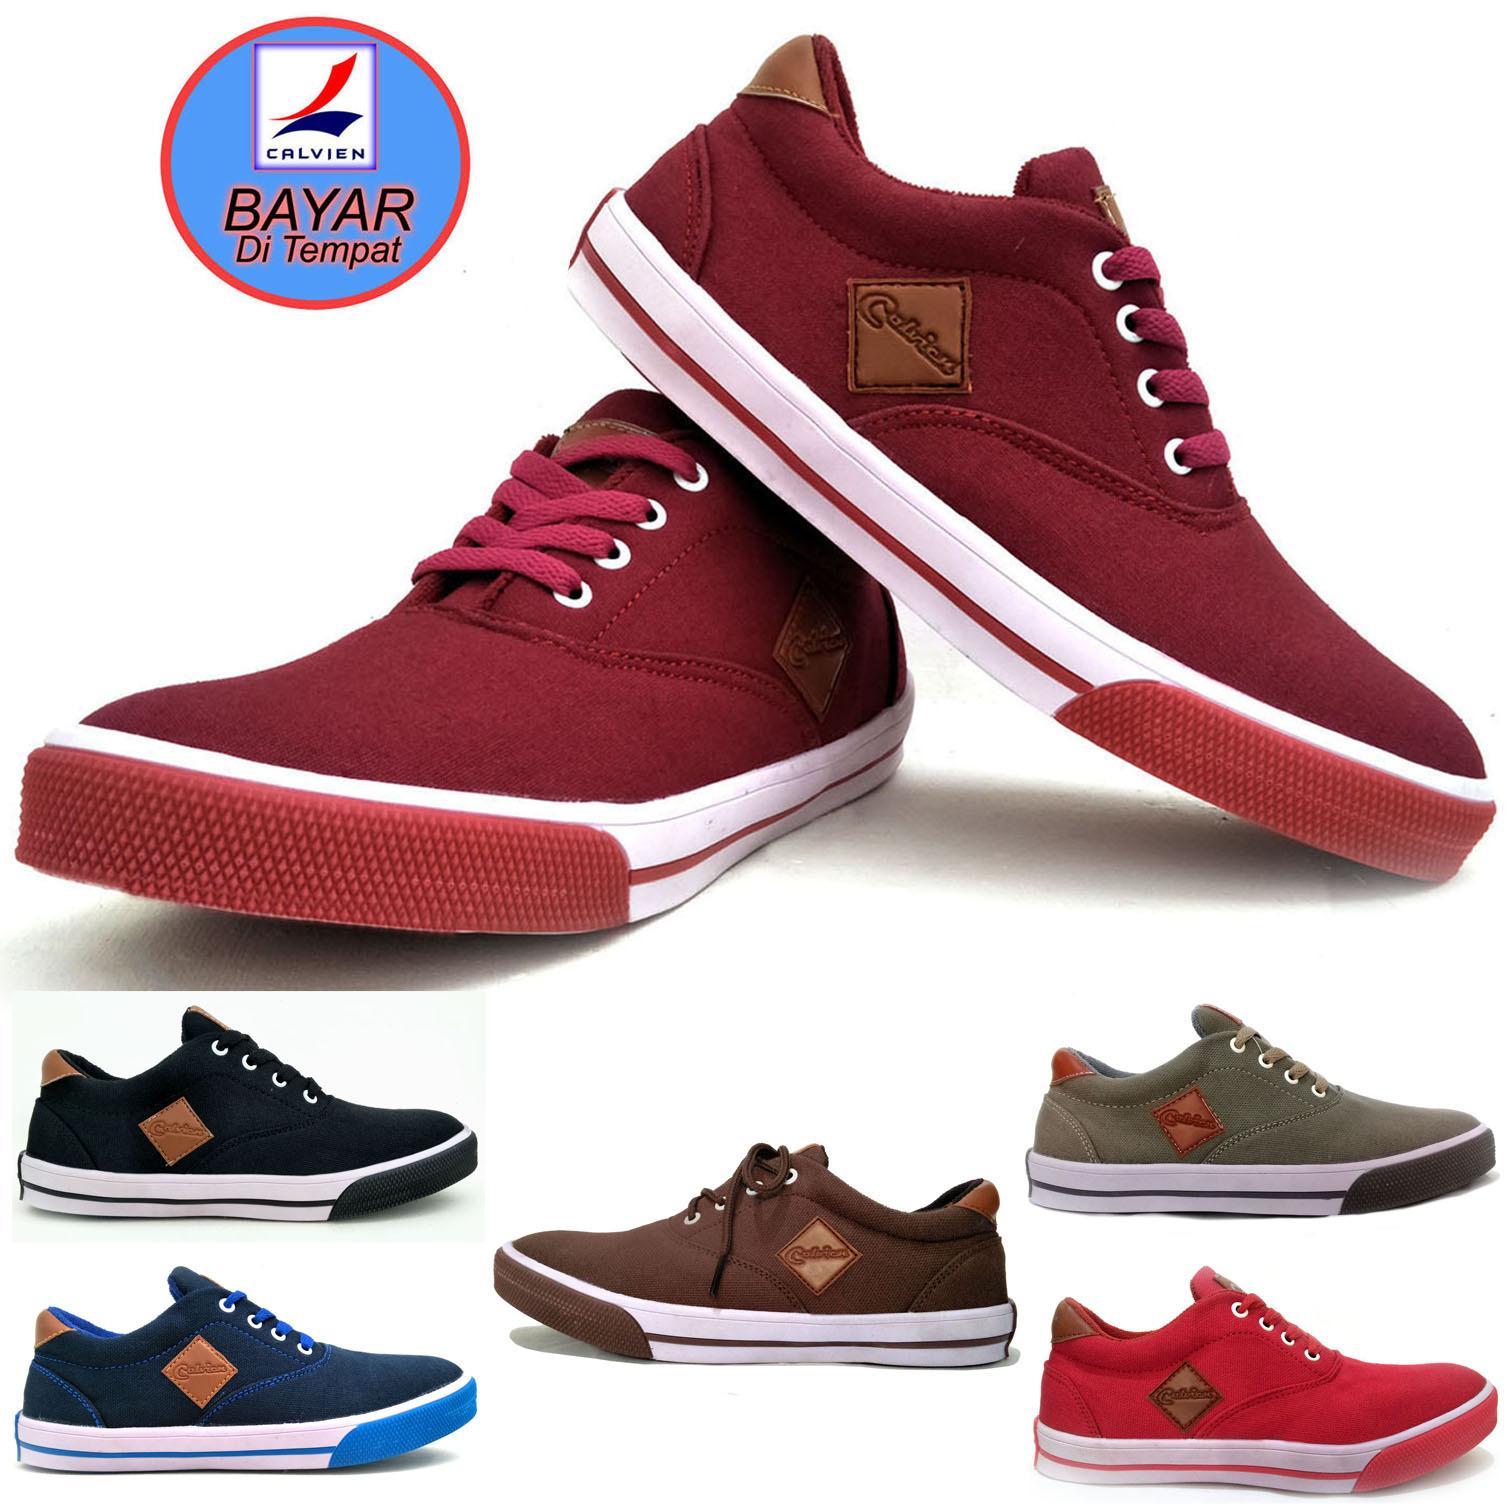 Beli Calvien Sepatu Pria Sneakers Sepatu Pria Kets Sepatu Pria Kasual Sepatu Pria Murah Kode Cl 01 Kredit